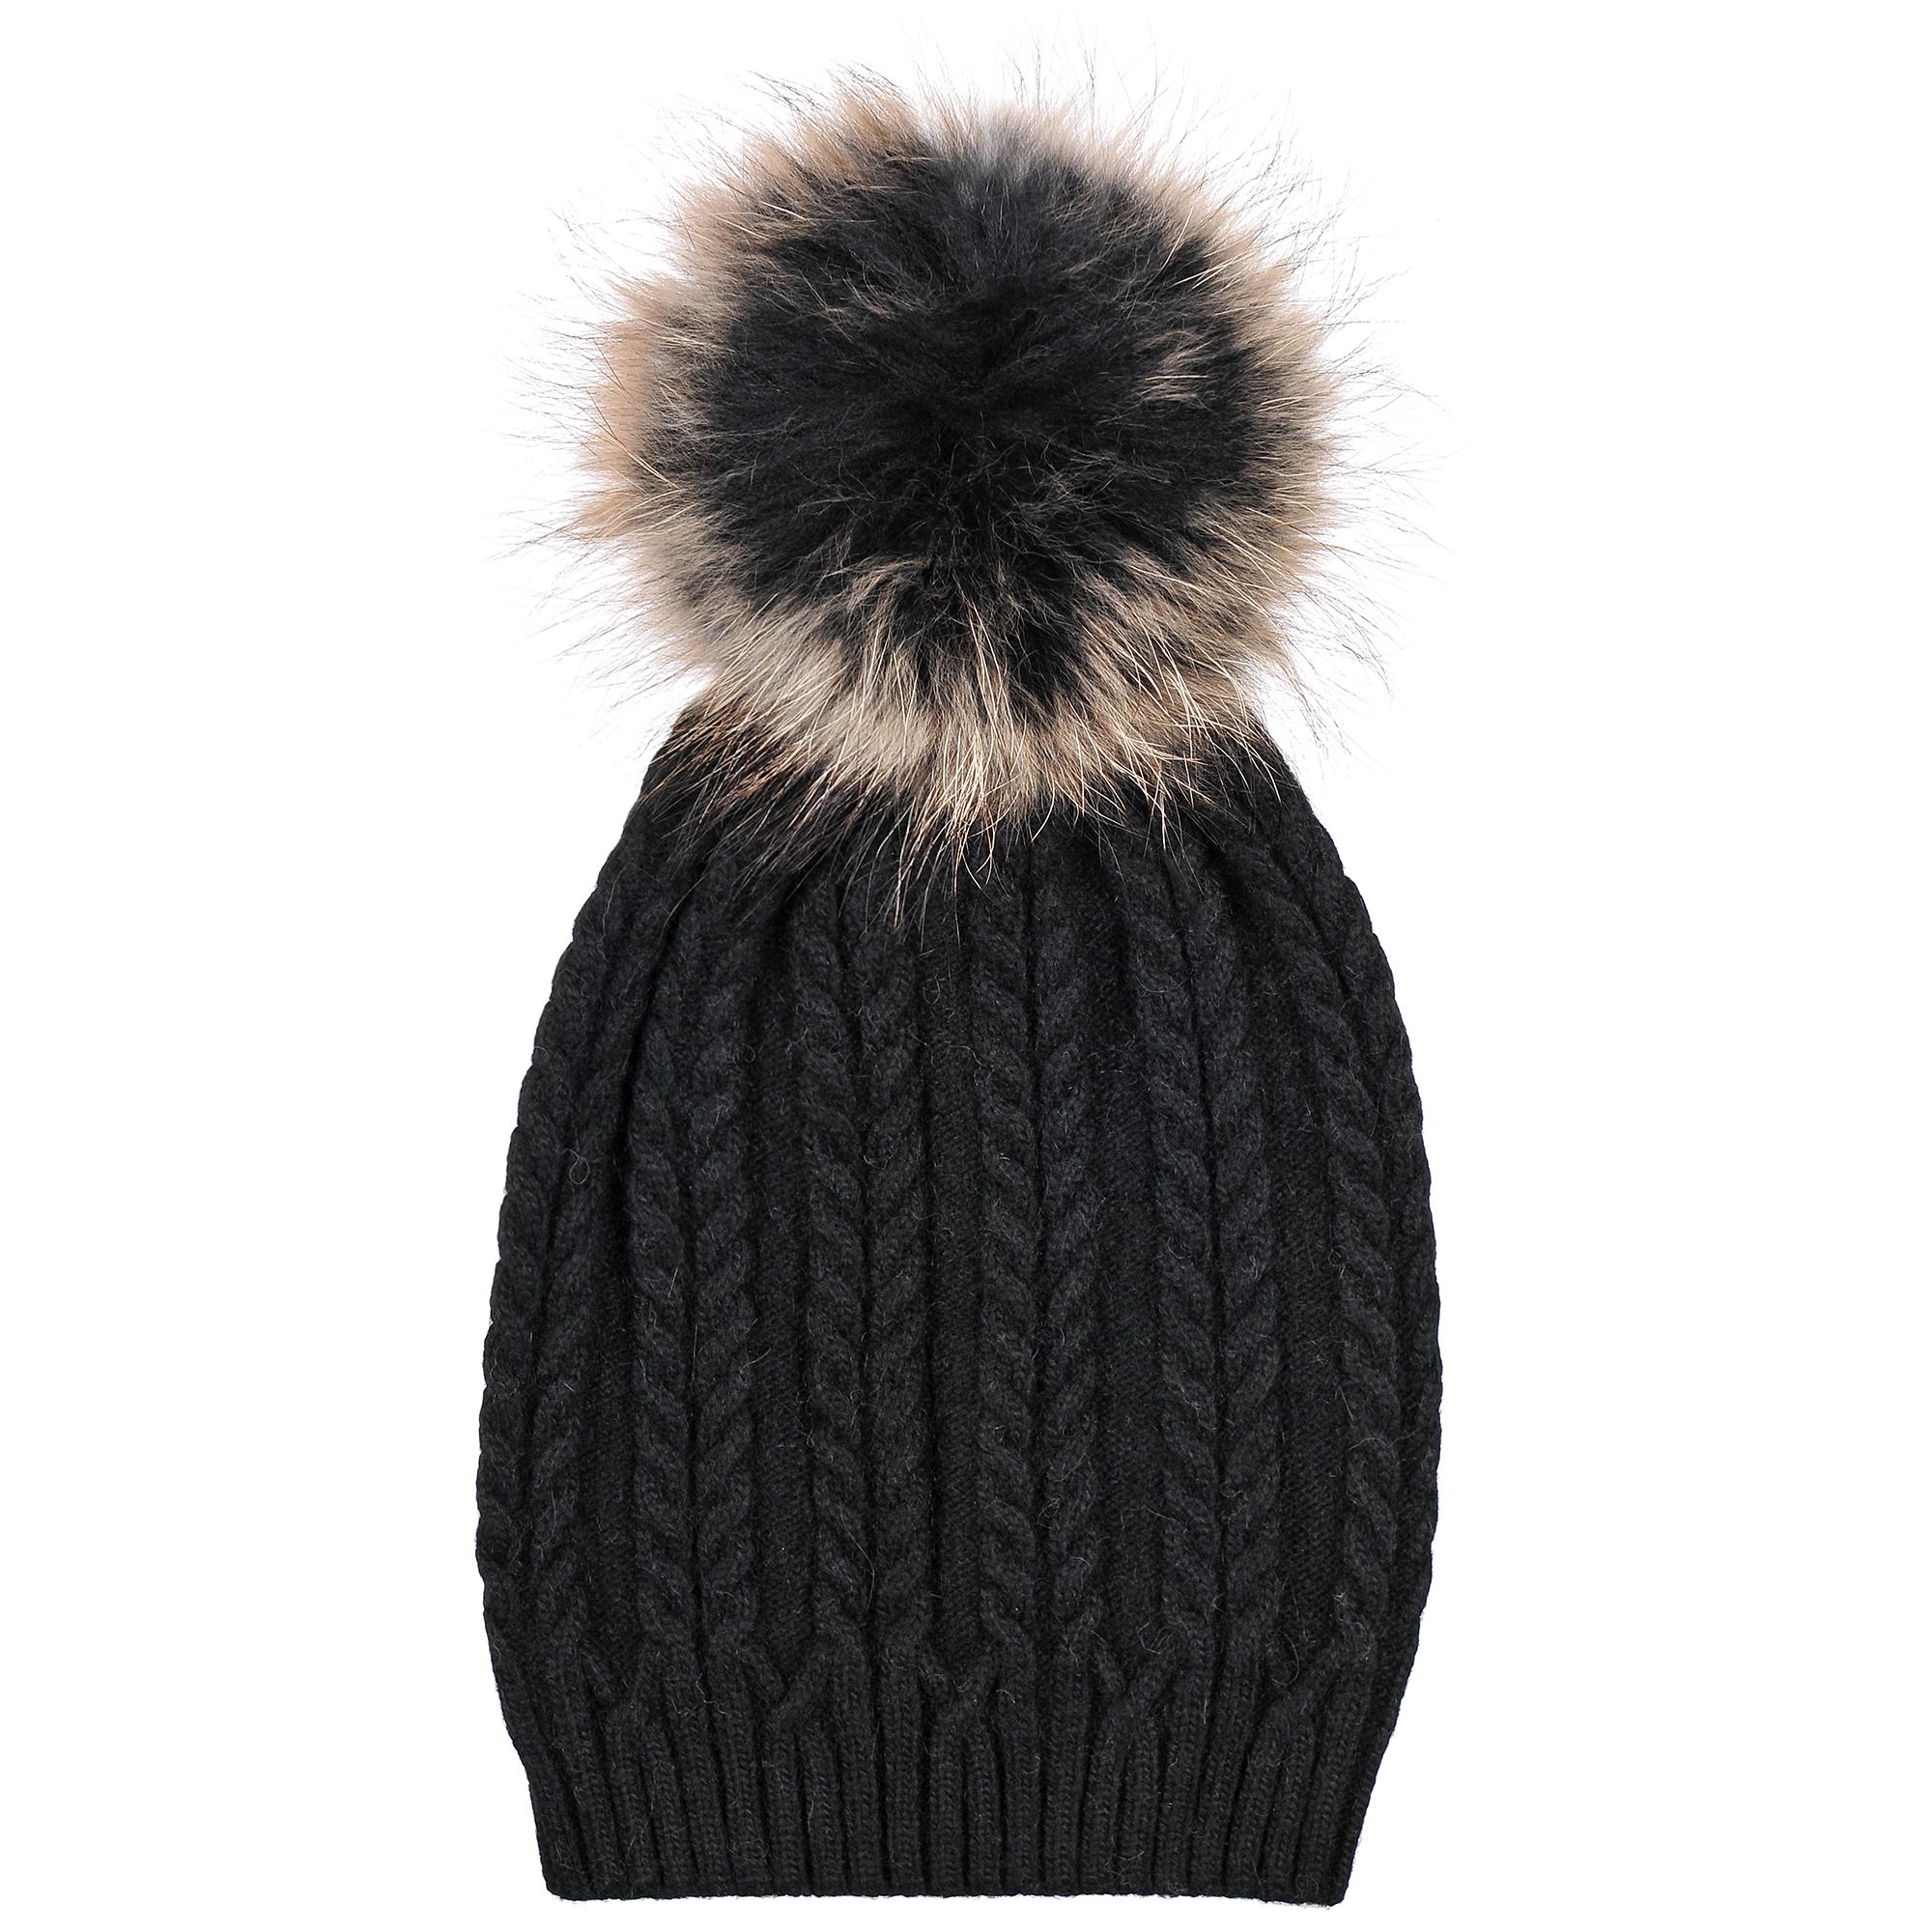 Шапка4-0048-001Трендовая шапка - чулок из натурального кролика с помпоном из натурального меха, на резинке. Рисунок - коса. Отличный аксессуар защитит в непогоду и подарит ощущение теплоты.